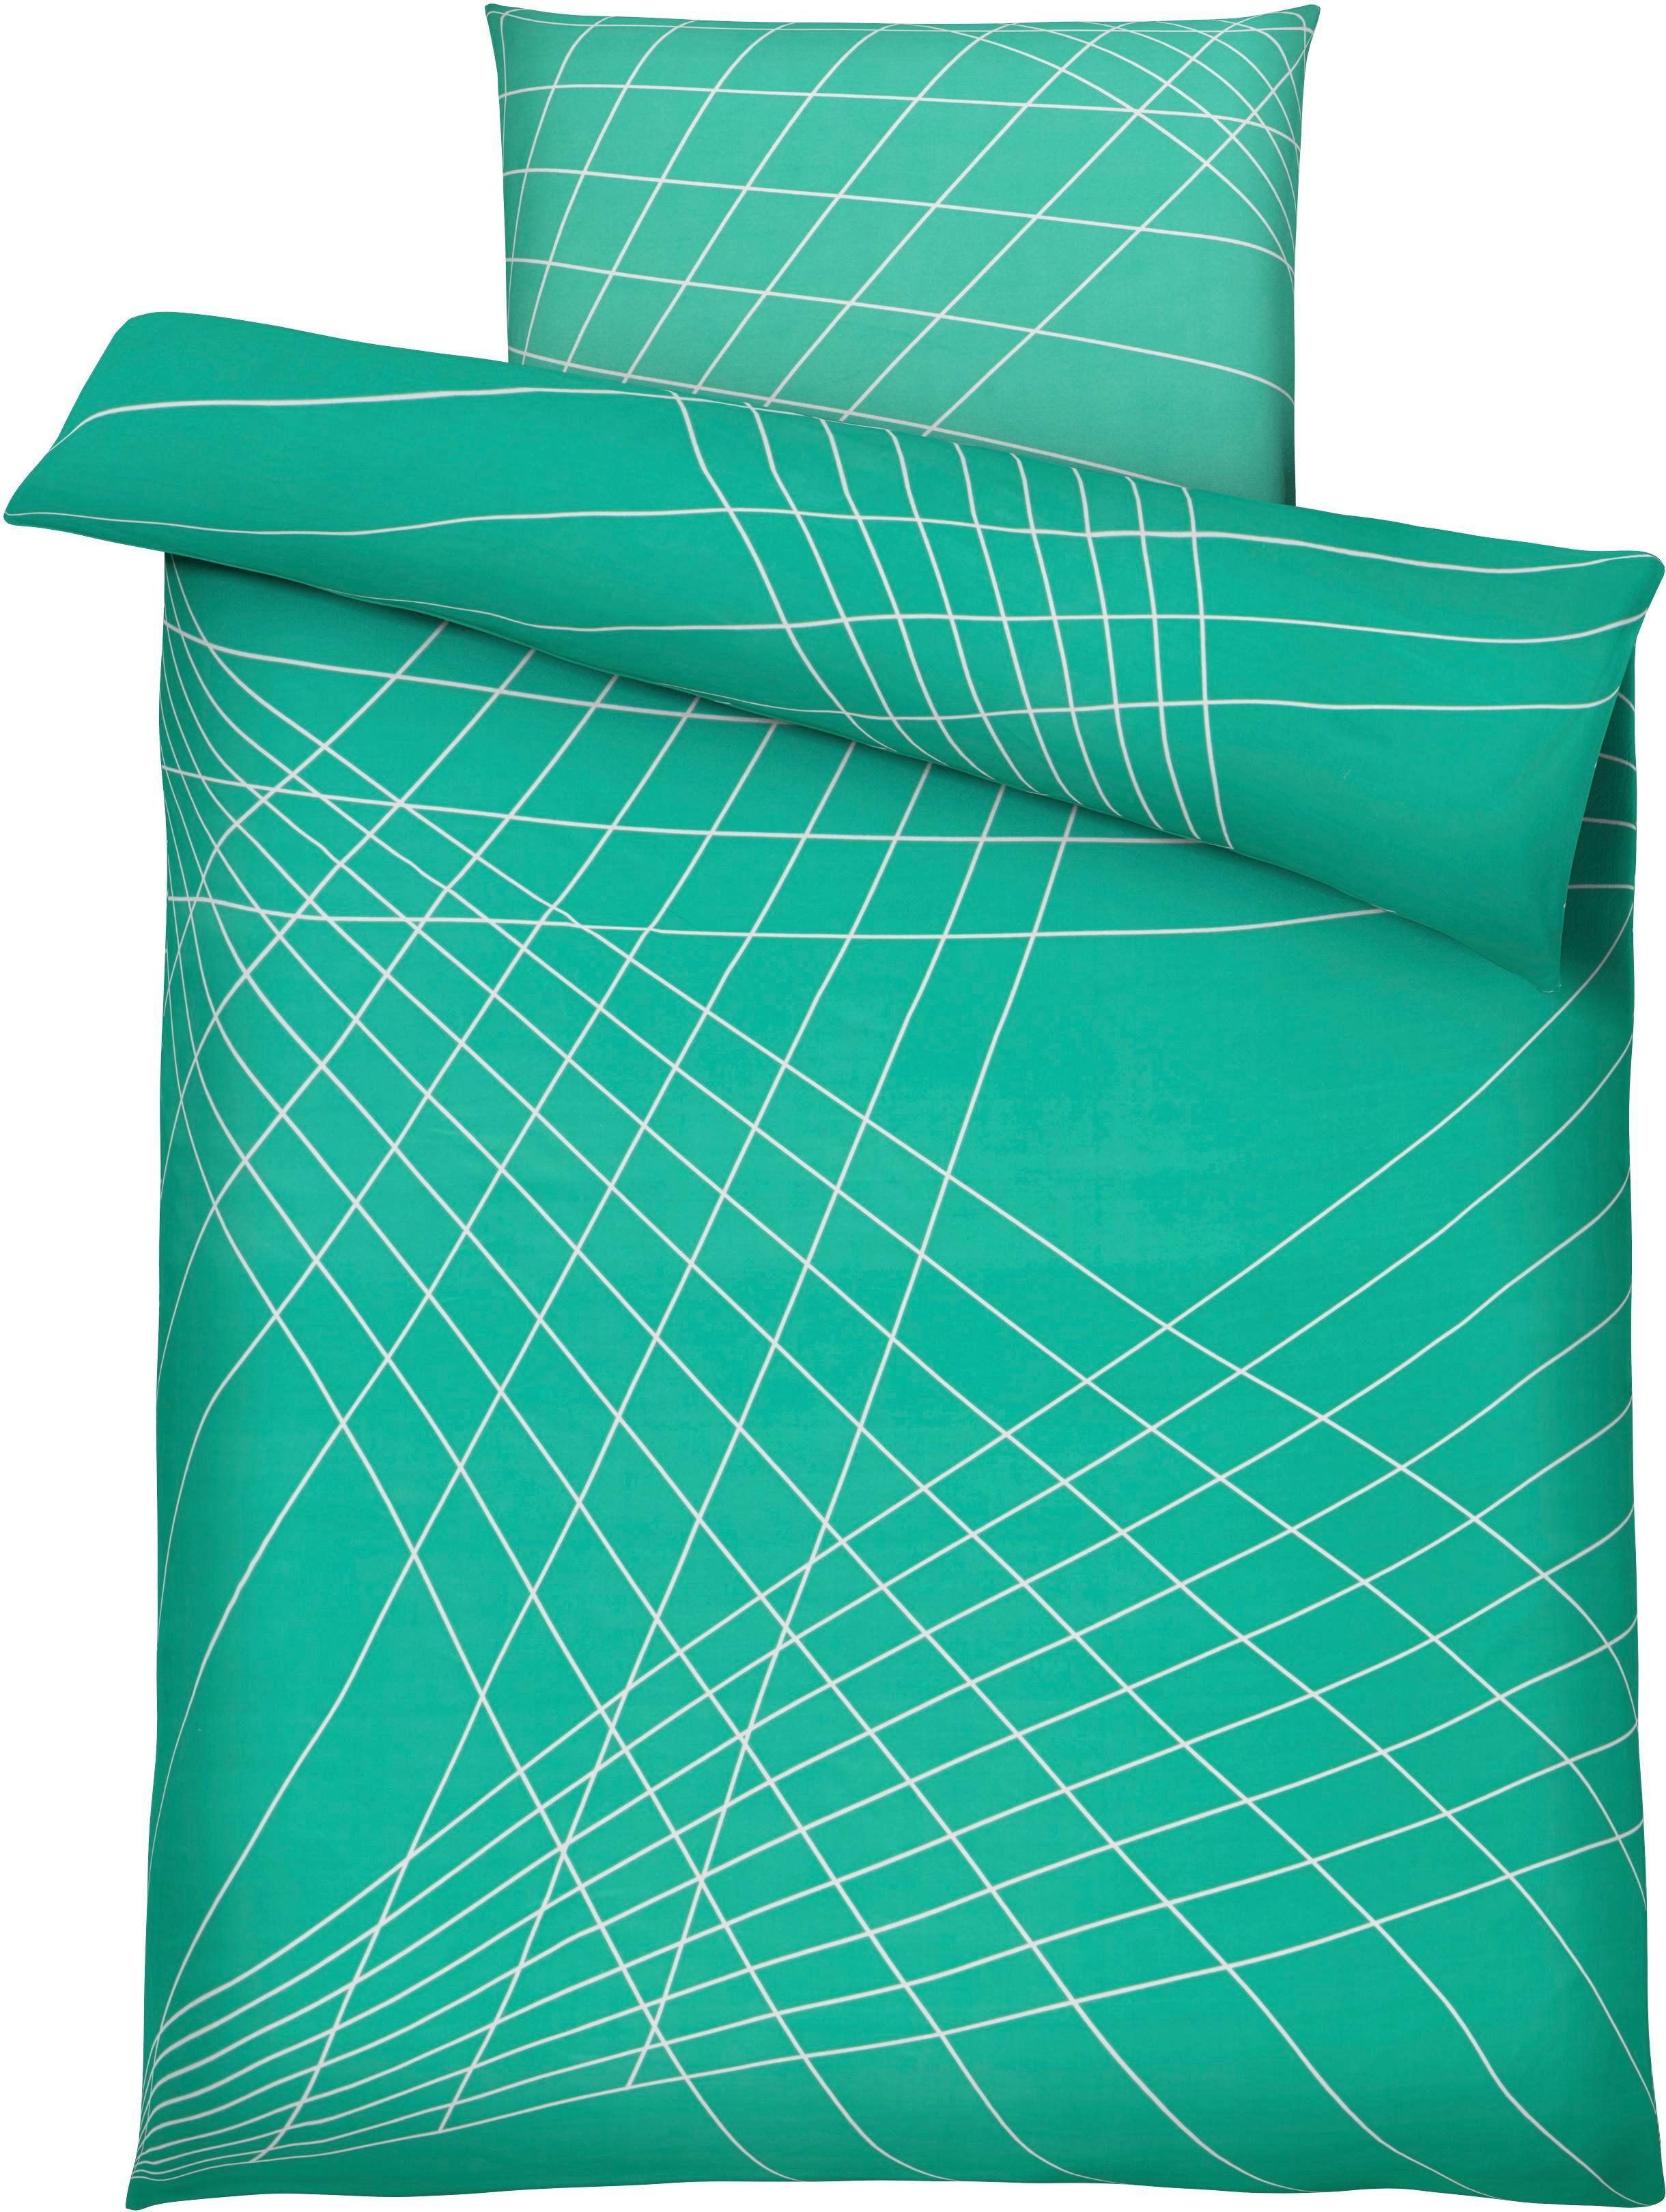 Bettwäsche Spiro in Türkis, ca. 135x200cm - Türkis, MODERN, Textil - MÖMAX modern living